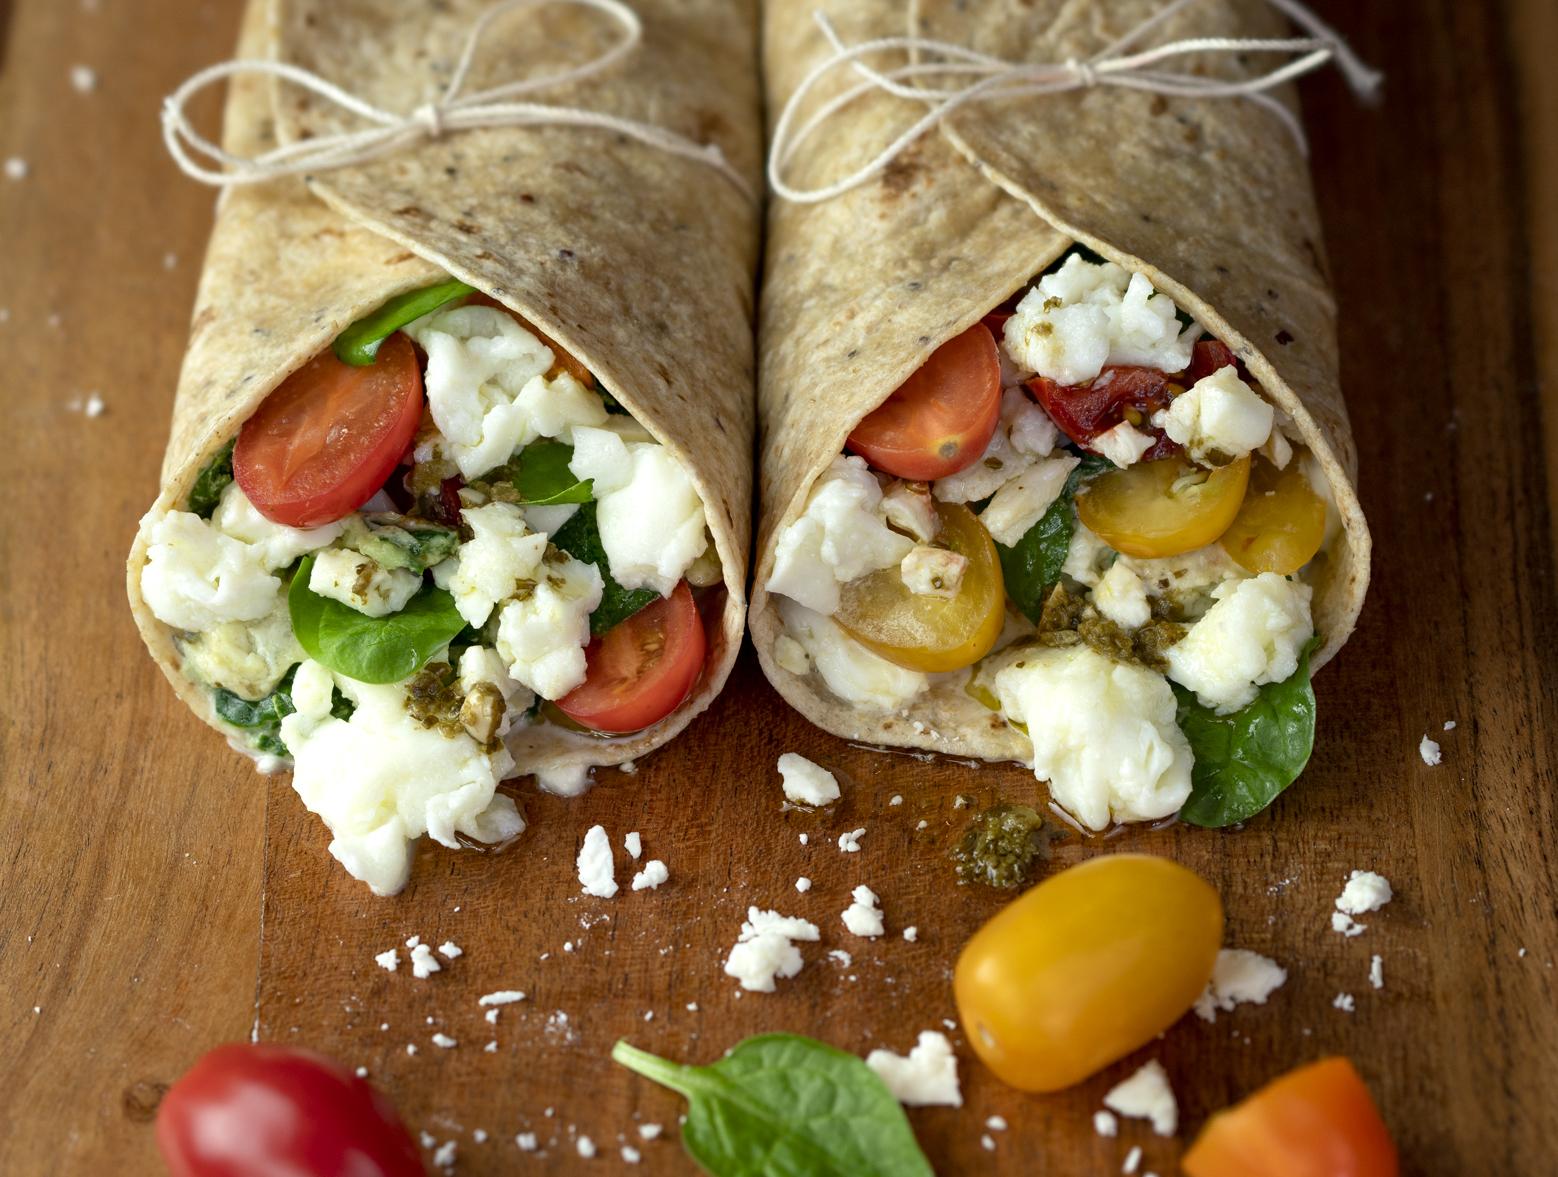 photo of prepared Spinach and Feta Wraps recipe